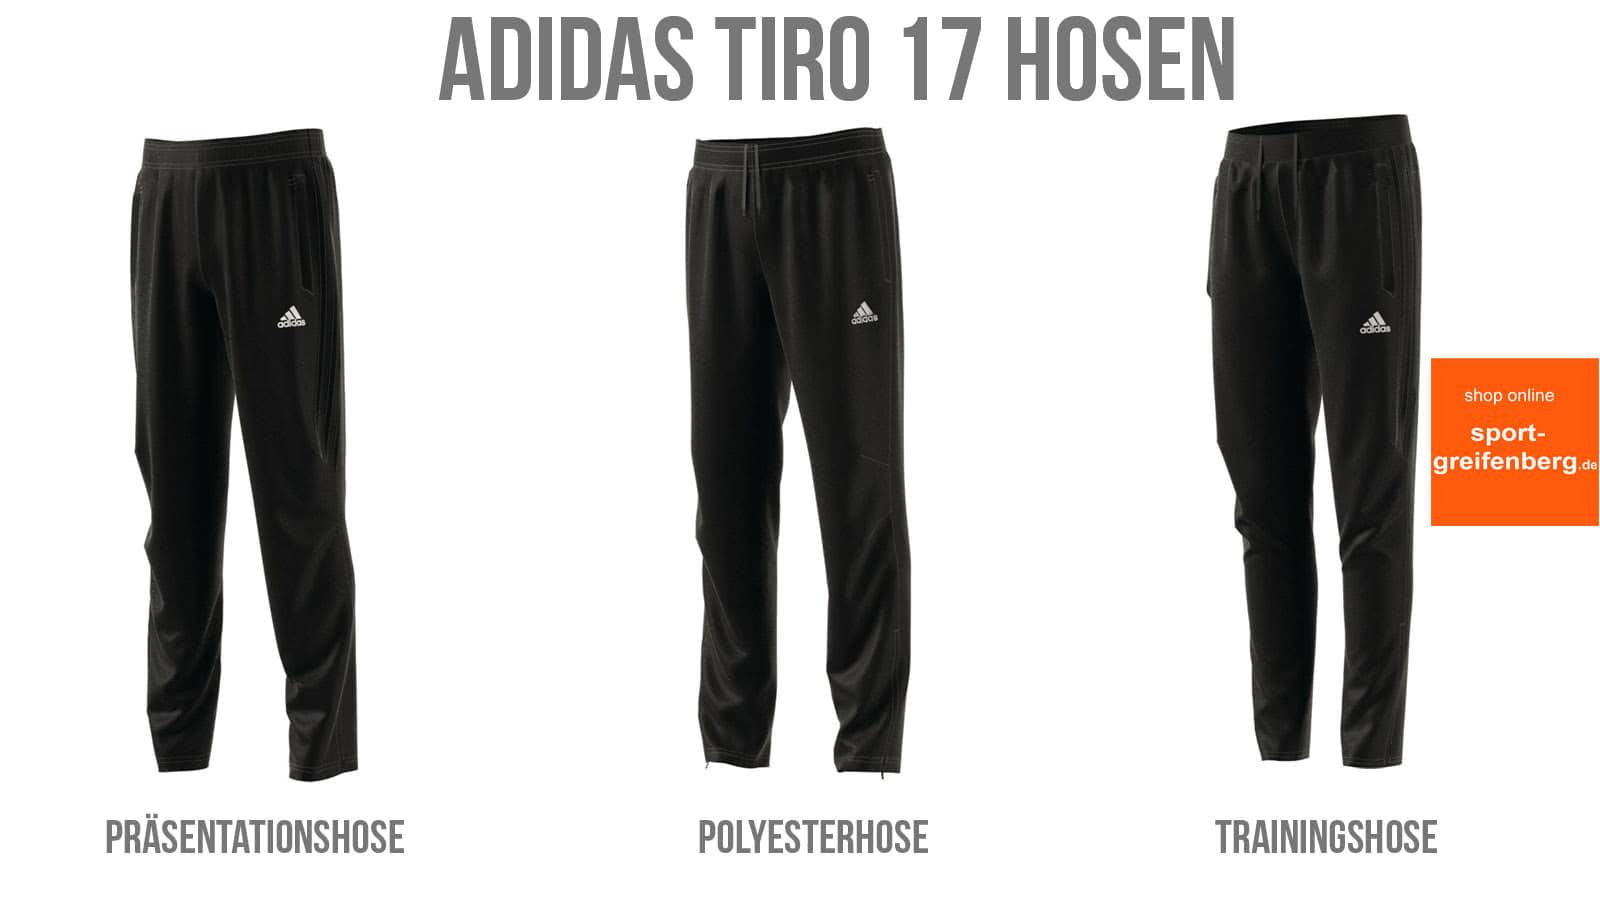 Hosen für das Training oder den Sport